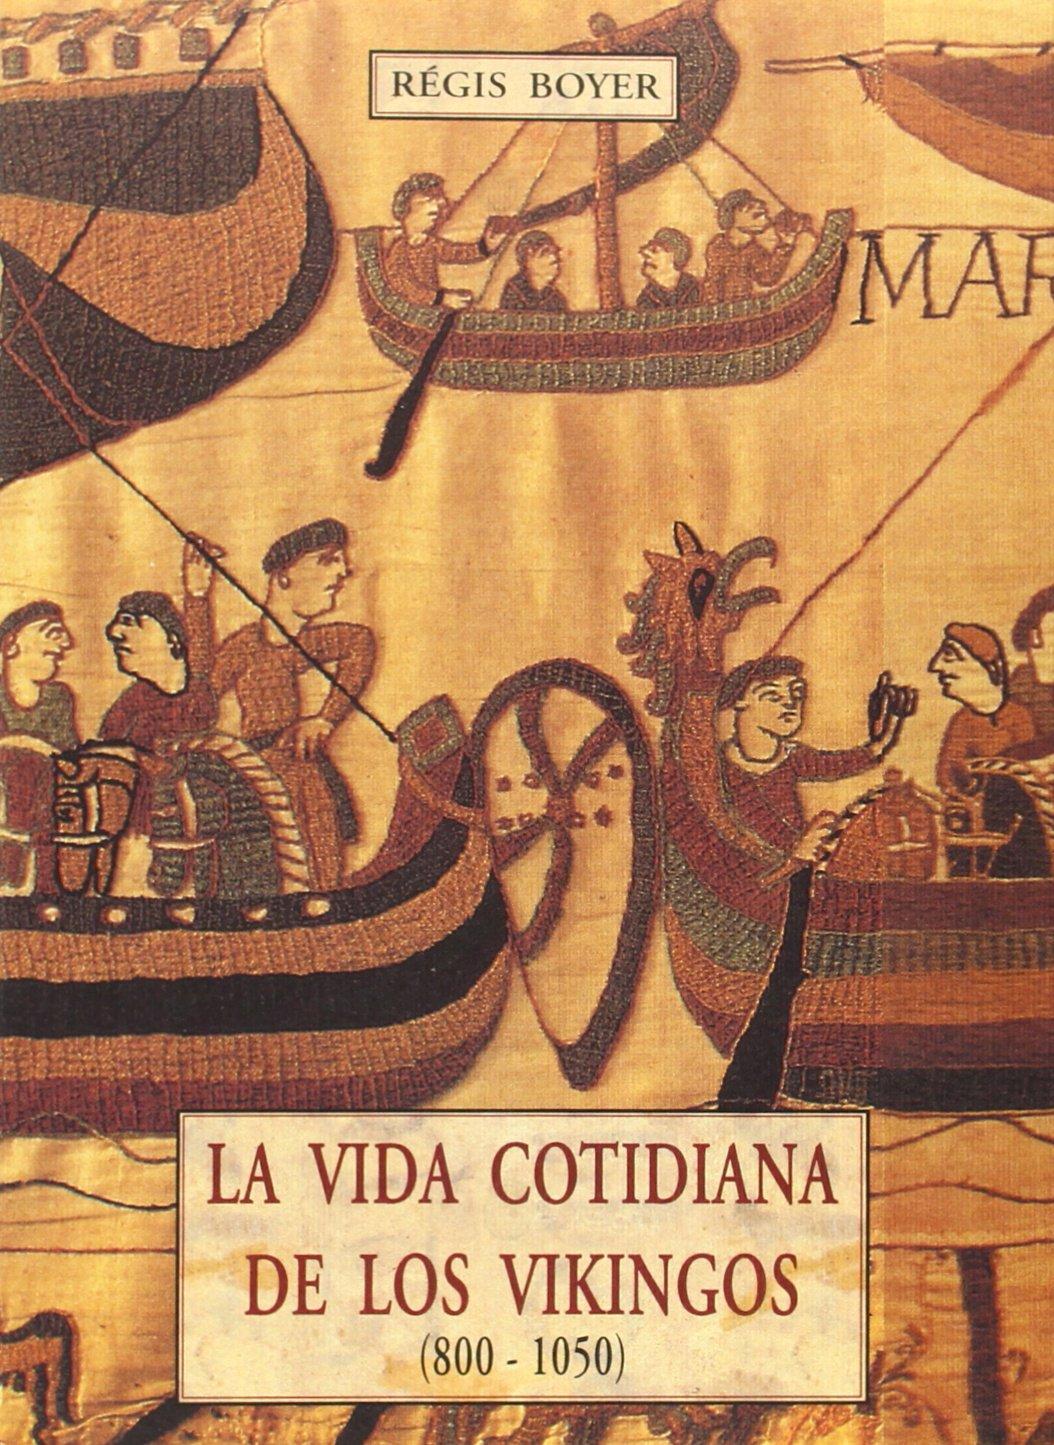 La vida cotidiana de los vikingos (800-1050): Amazon.es: Boyer, Regis: Libros